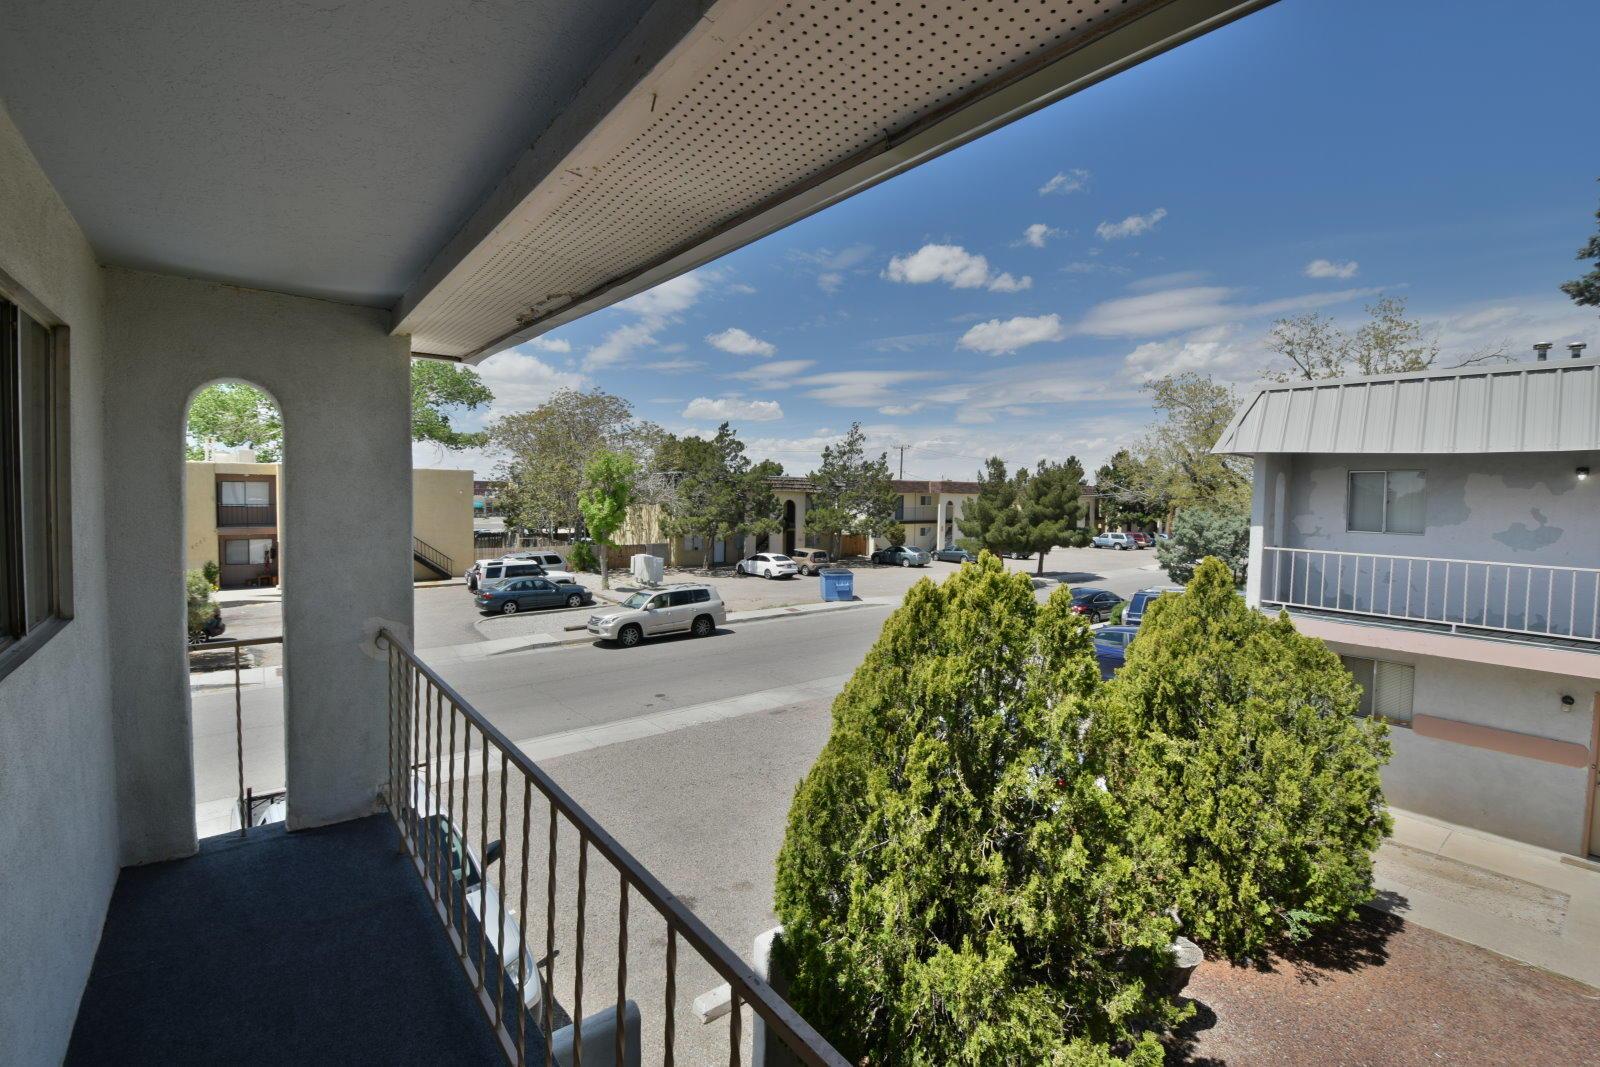 1812 Mary Ellen NE, Albuquerque, NM 87110 - Albuquerque, NM real estate listing